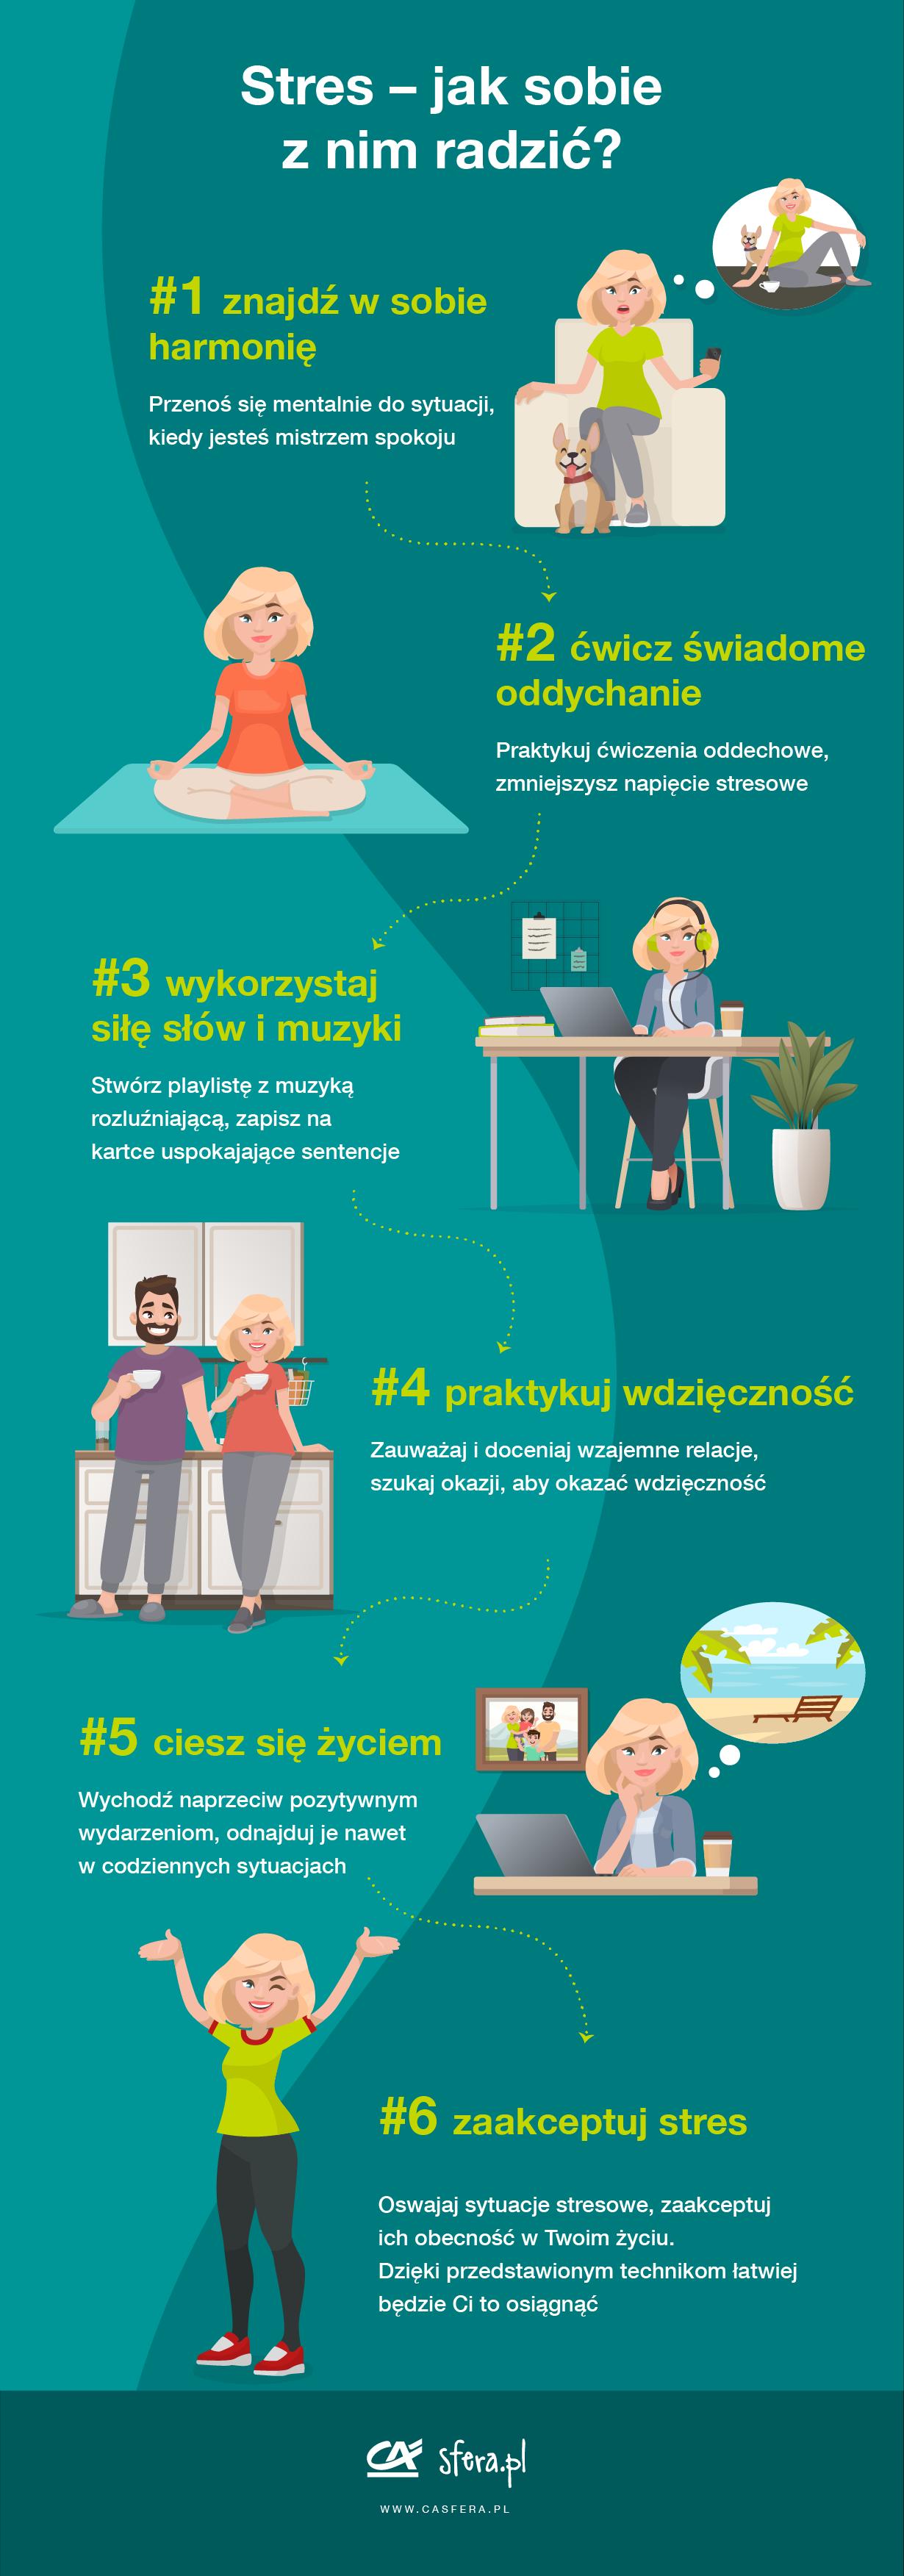 Stres - jak sobie z nim radzić? - infografika